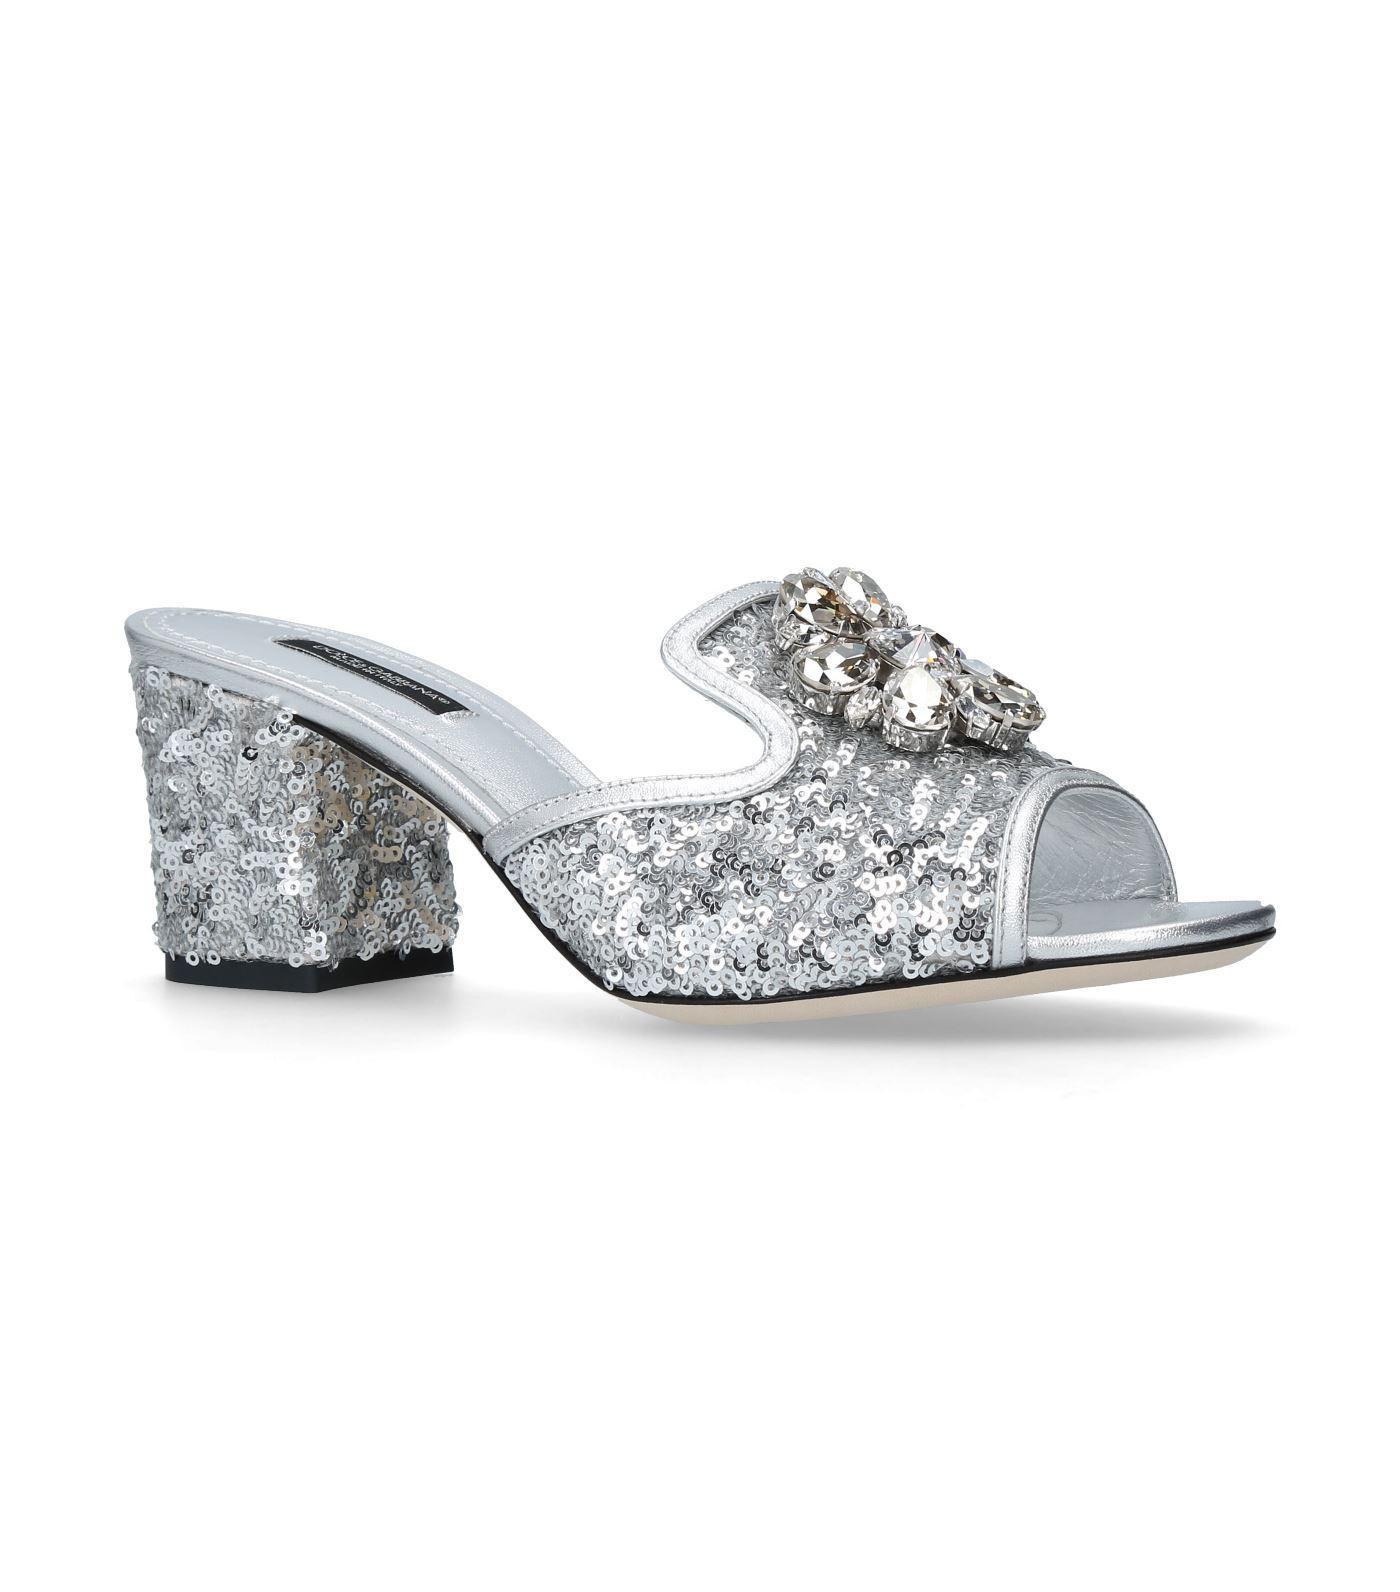 Dolce & Gabbana Bianca Abaya Slides 60 In Silver